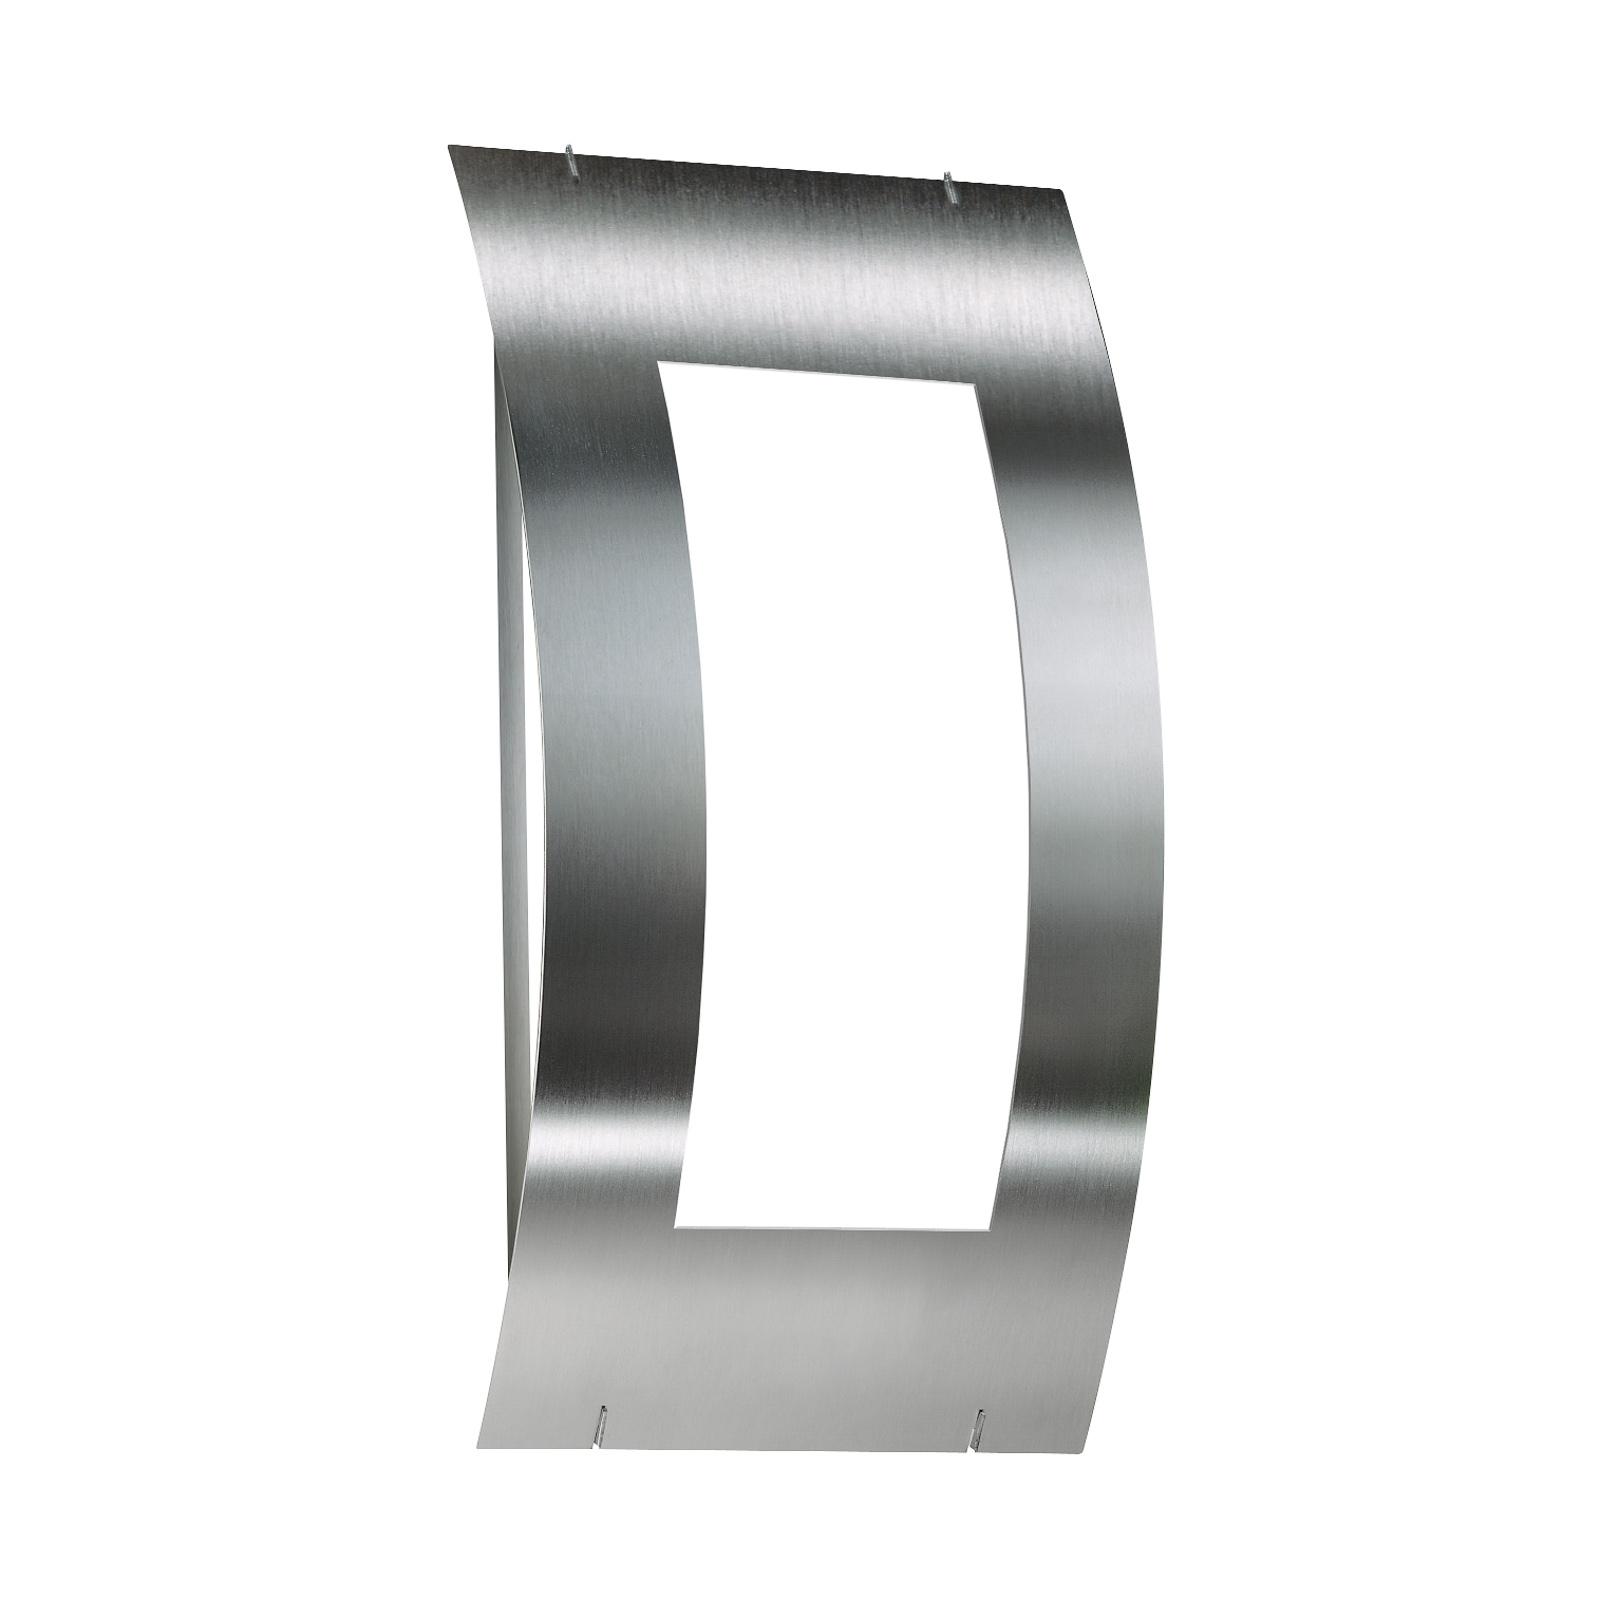 Venkovní nástěnné svítidlo Quadrat nerezový rám